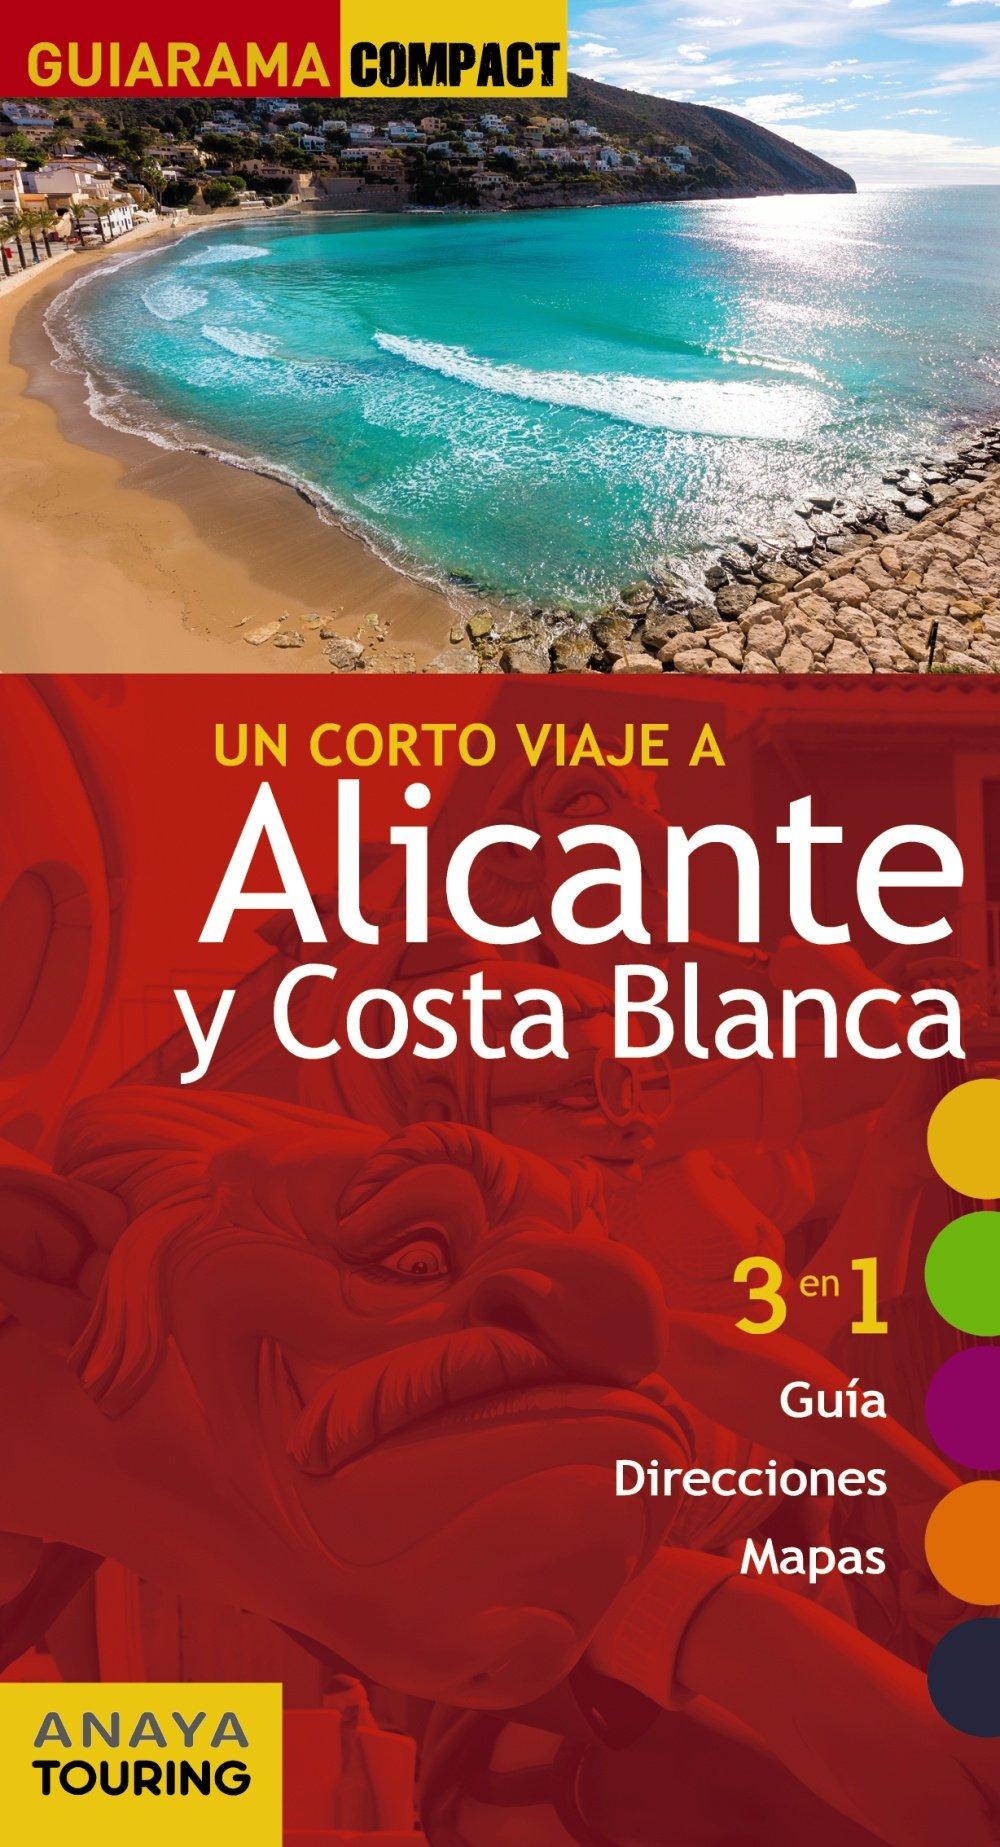 Alicante y Costa Blanca (GUIARAMA COMPACT - España): Amazon.es: Anaya Touring, Esteve Ramírez, Francisco, Avisón Martínez, Juan Pablo, Duro Pérez, Rubén, Hernández Colorado, Arantxa, Roba, Silvia, Calabuig, Jordi: Libros